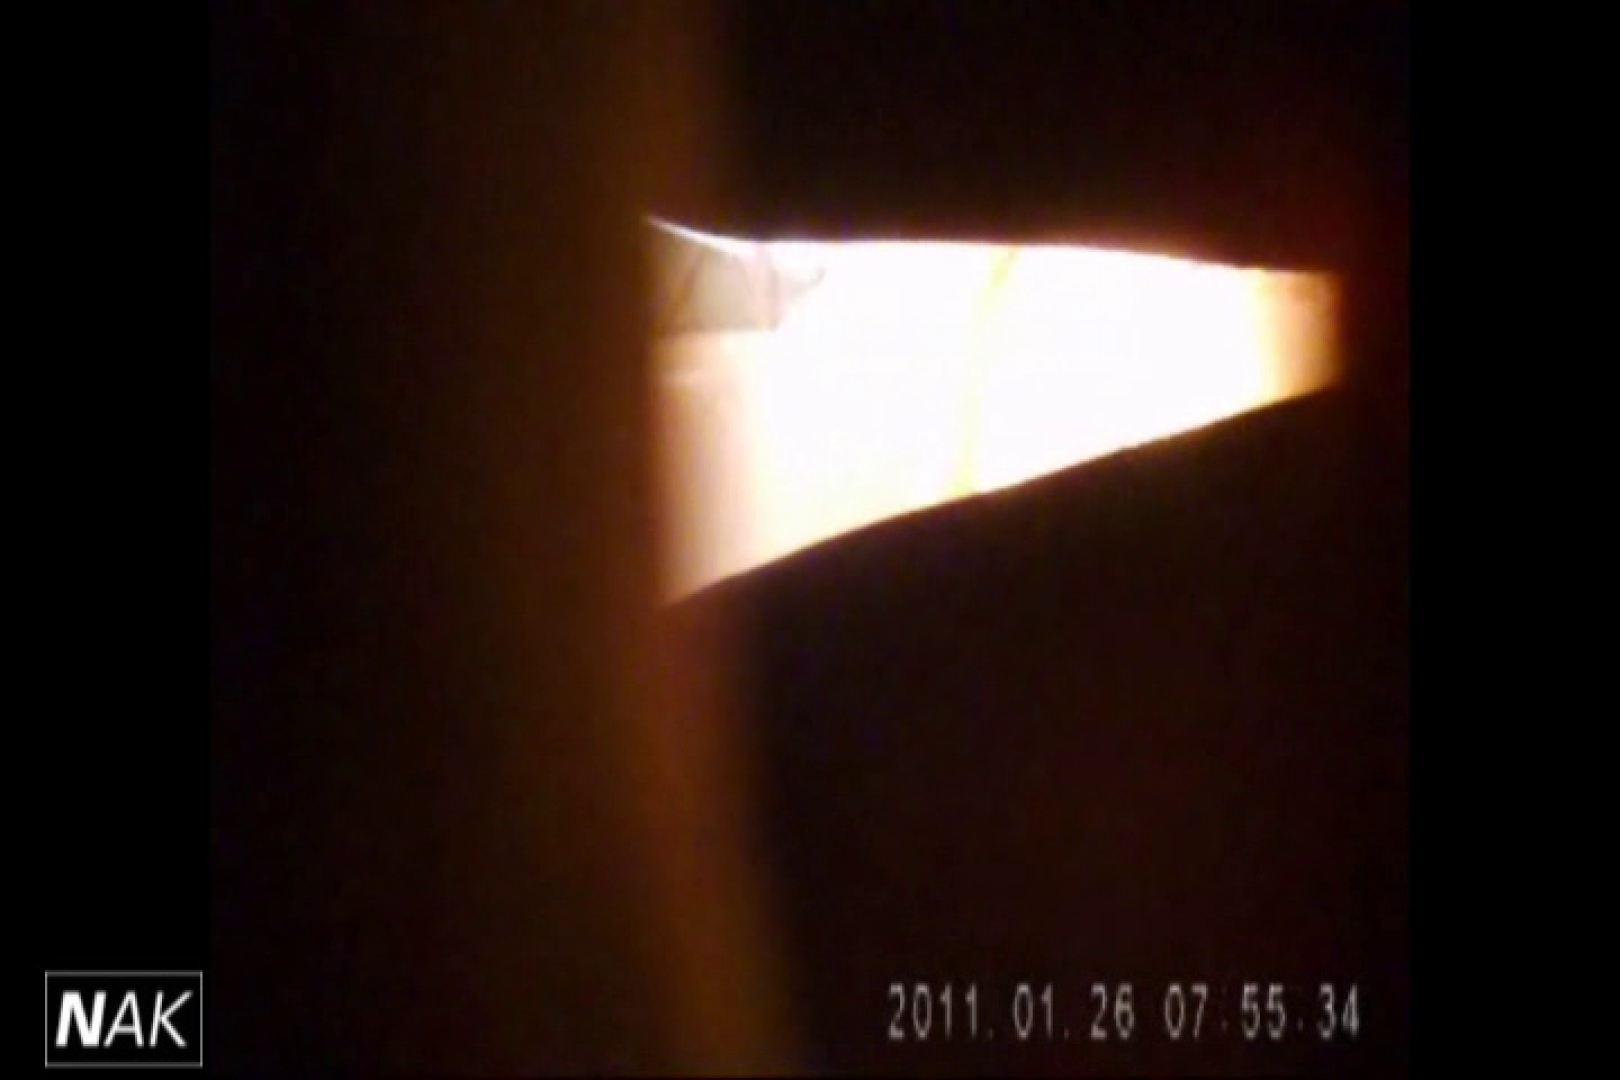 せん八さんの厠観察日記!2点監視カメラ 高画質5000K vol.13 OL女体 ワレメ動画紹介 97連発 57